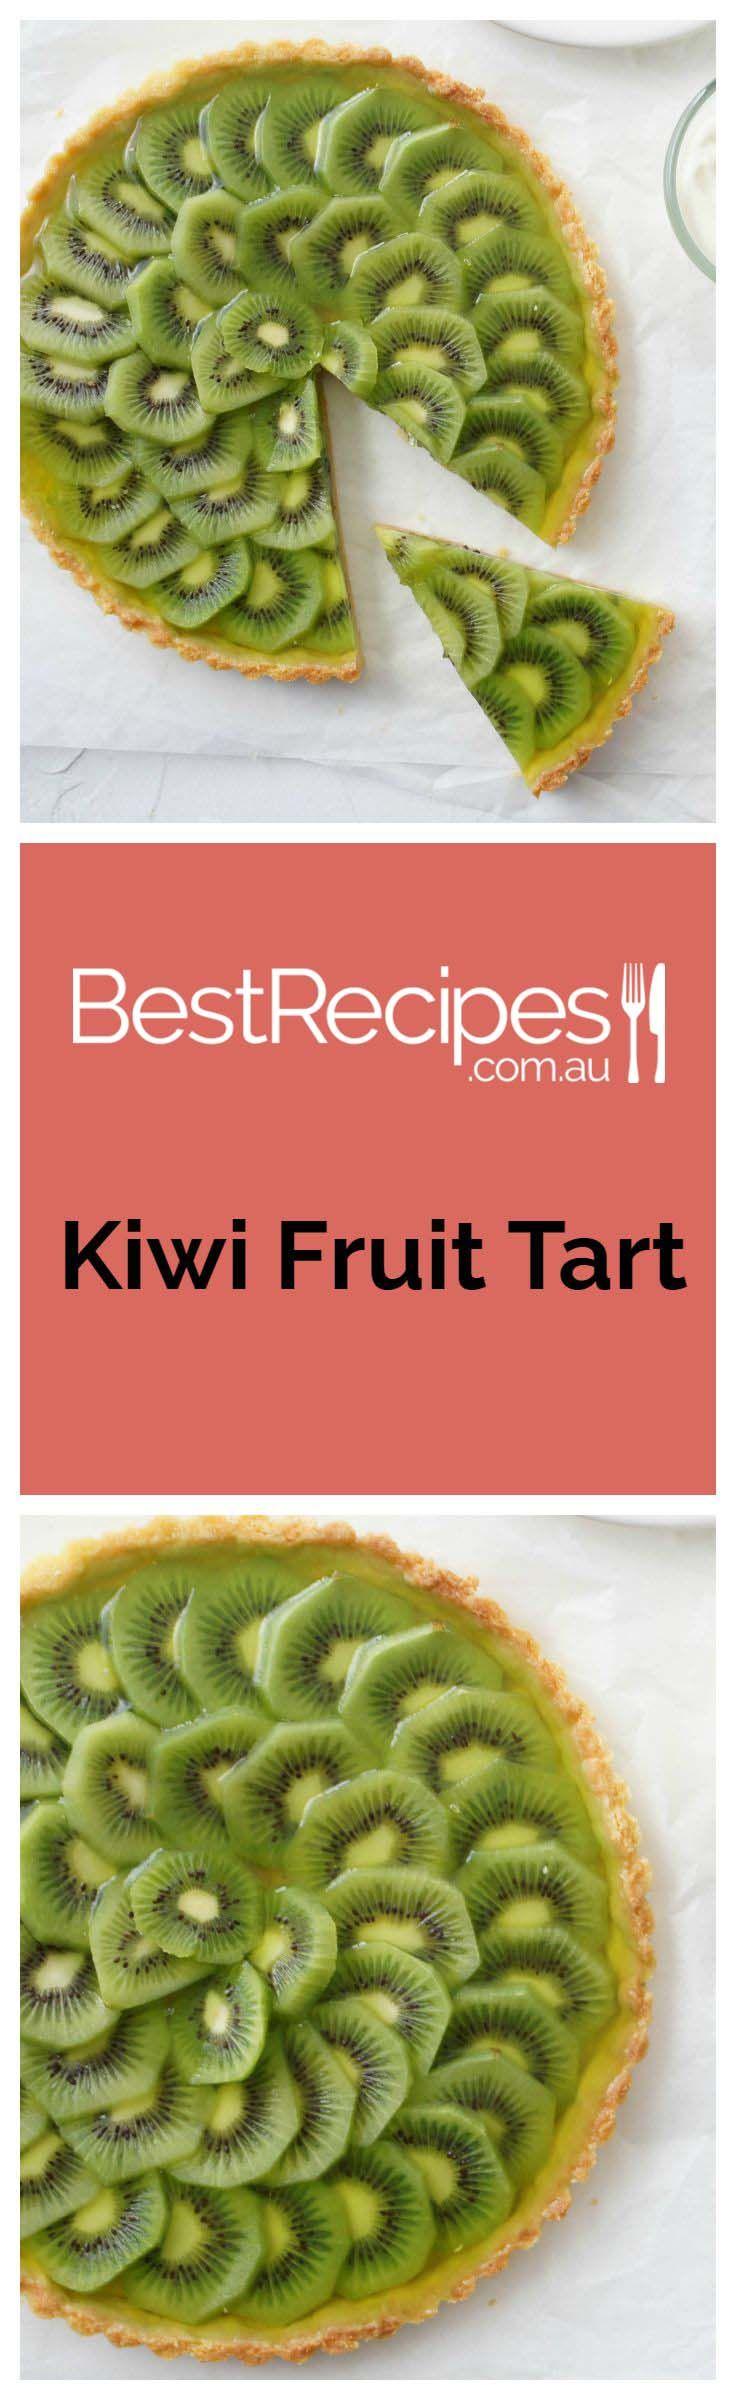 kiwifruit flan recipe fruit flan recipe flan recipe. Black Bedroom Furniture Sets. Home Design Ideas